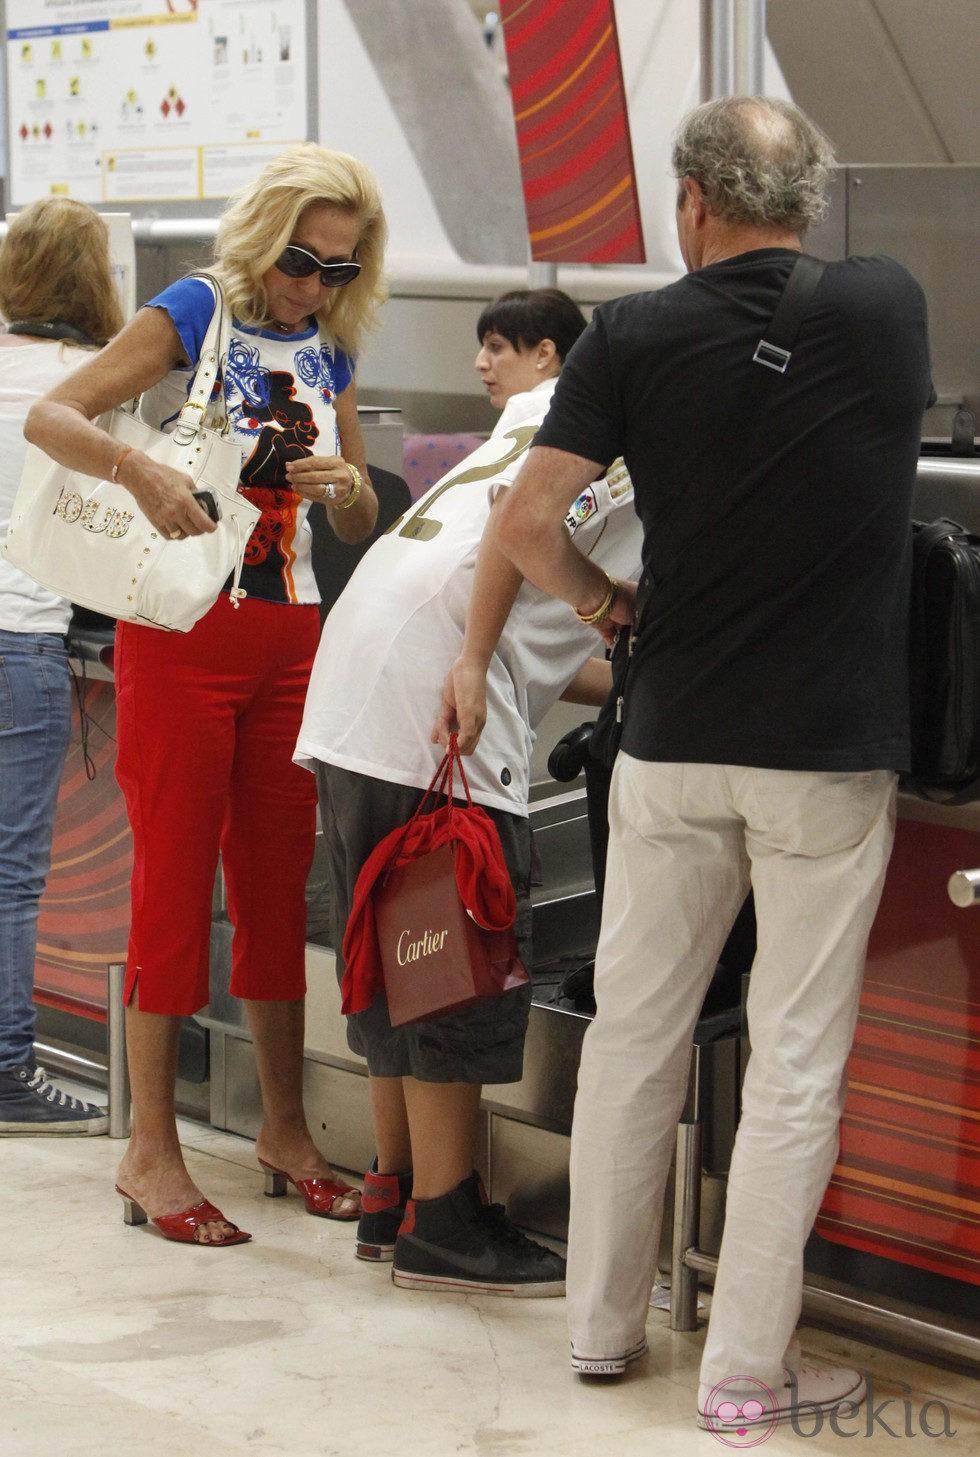 Rosa Benito y su familia facturan en Barajas